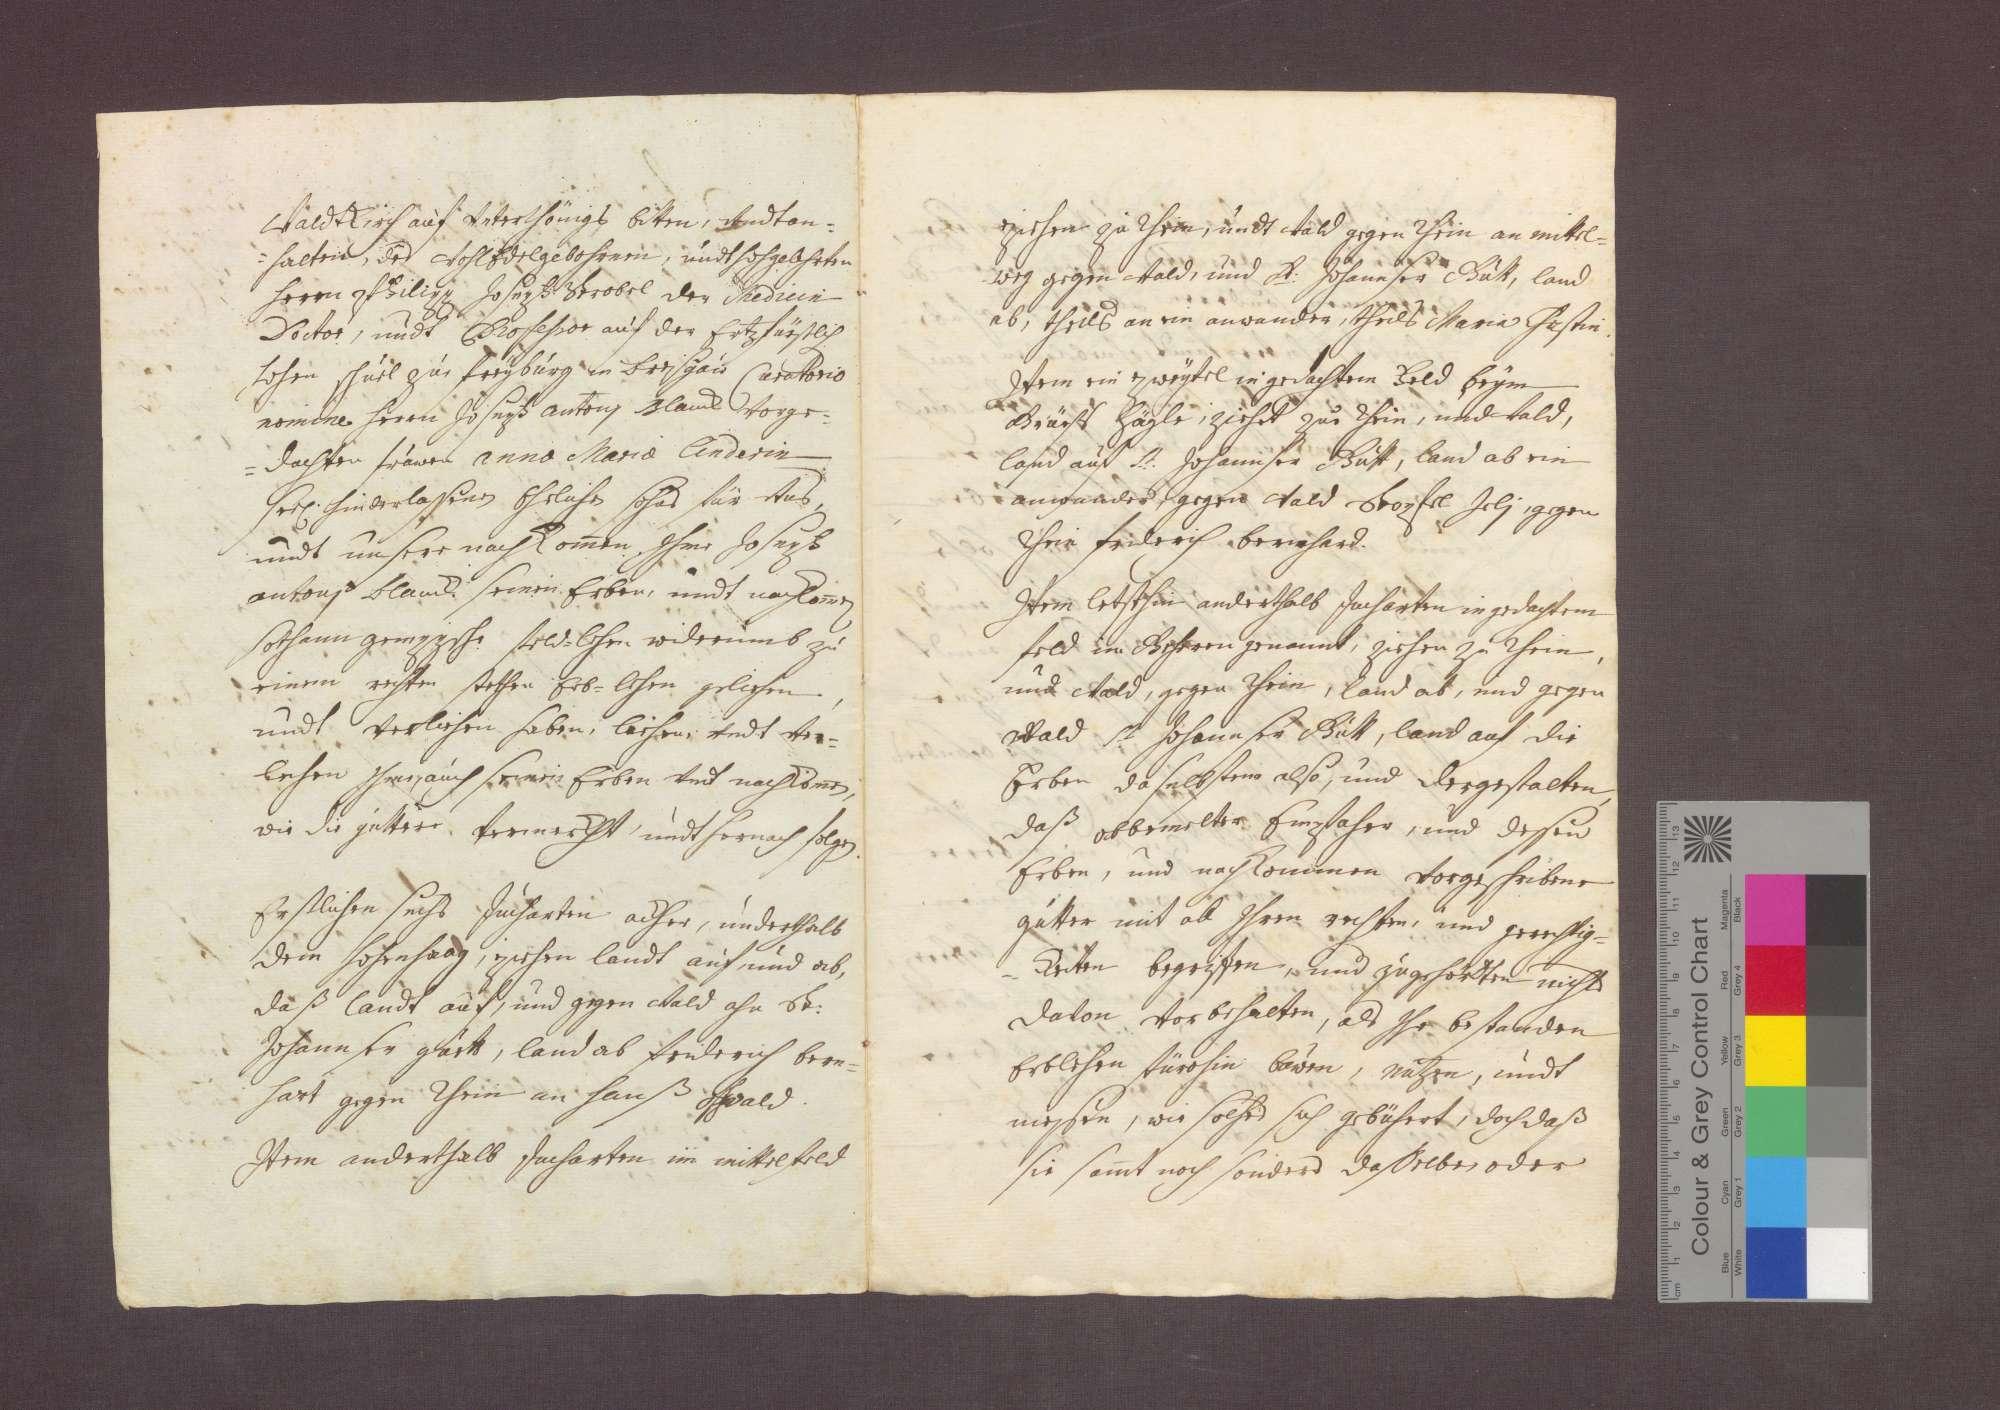 Lehnrevers des Philipp Josef Strobel namens des Josef Anton Blanck gegenüber dem Basler Domkapitel über ein Gut zu Steinenstadt., Bild 2